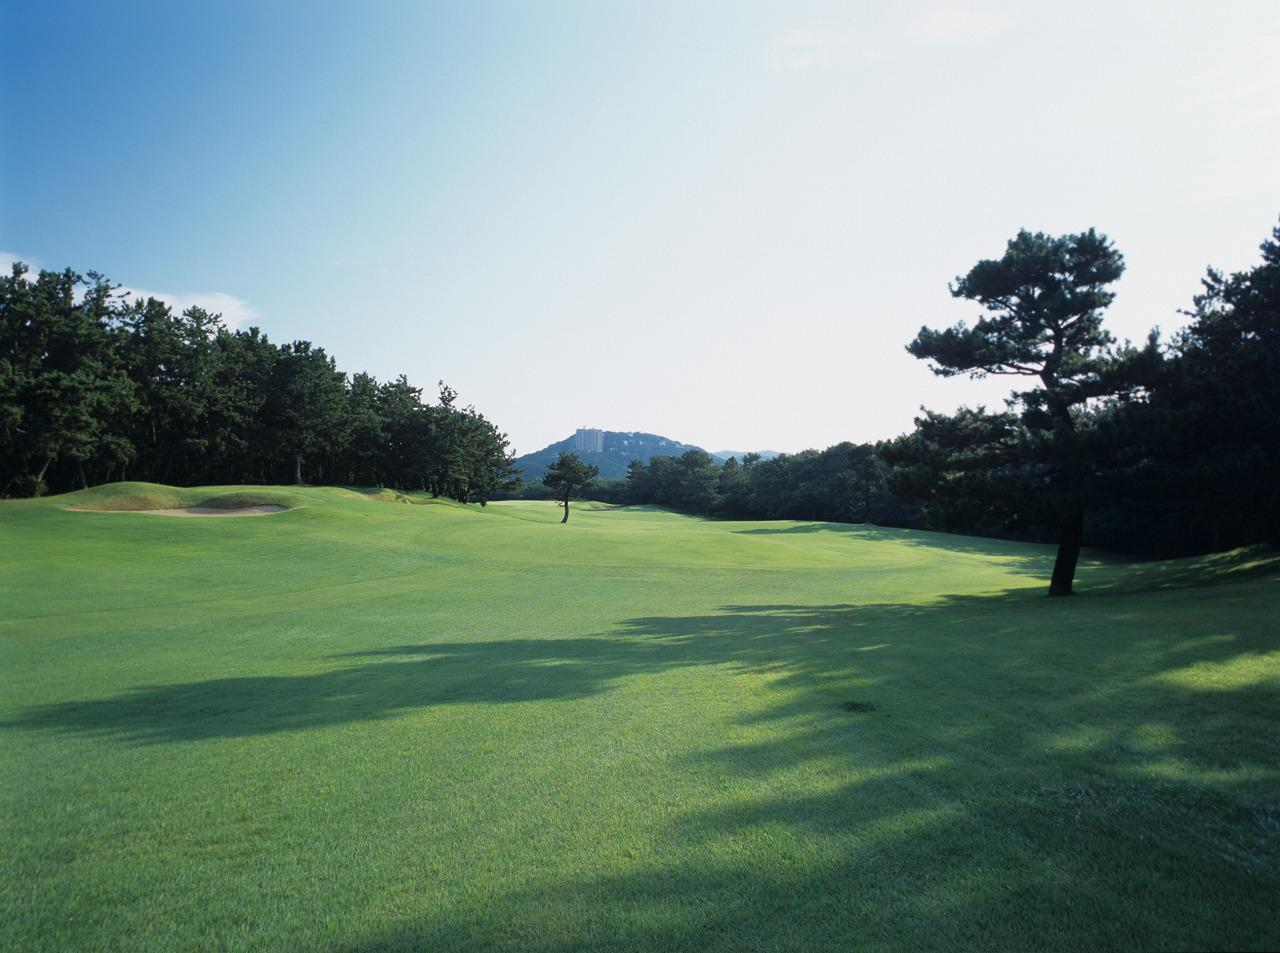 Images : 4番目の画像 - 「全日本決勝 11/2(月) 芥屋ゴルフ倶楽部」のアルバム - SRIXON cup ゴルフダイジェスト 全日本ダブルスゴルフ選手権